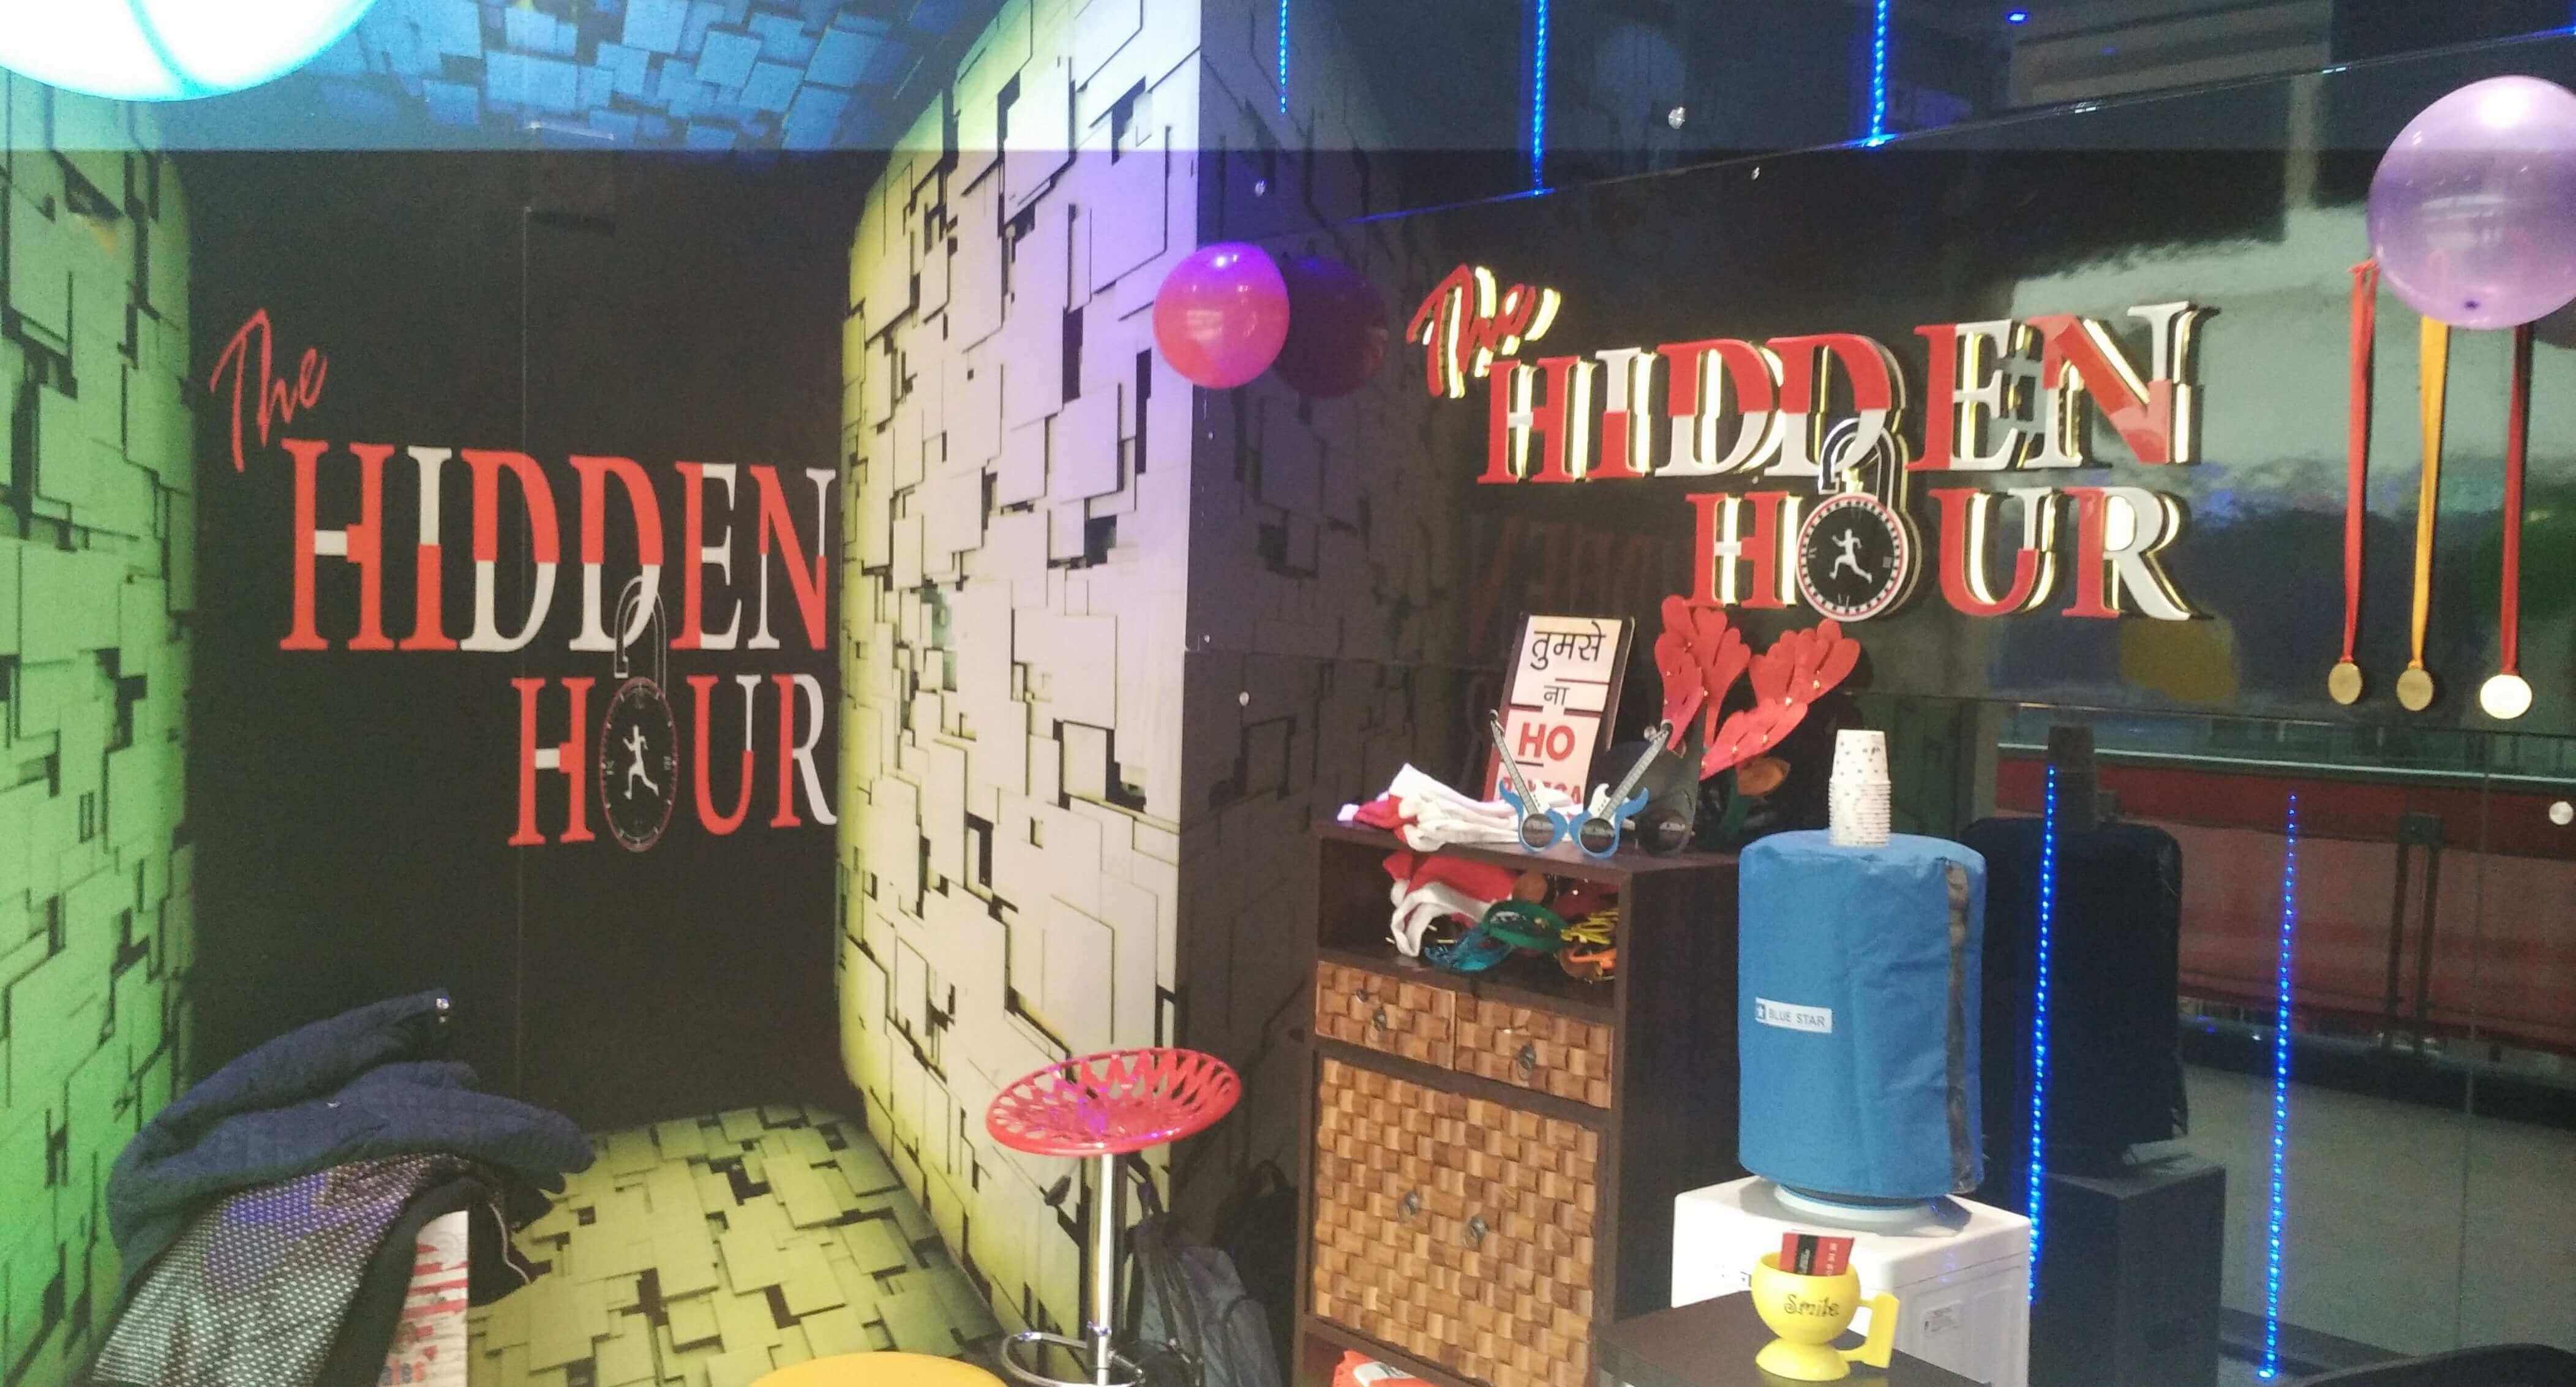 Hidden Hour Gurugram Review